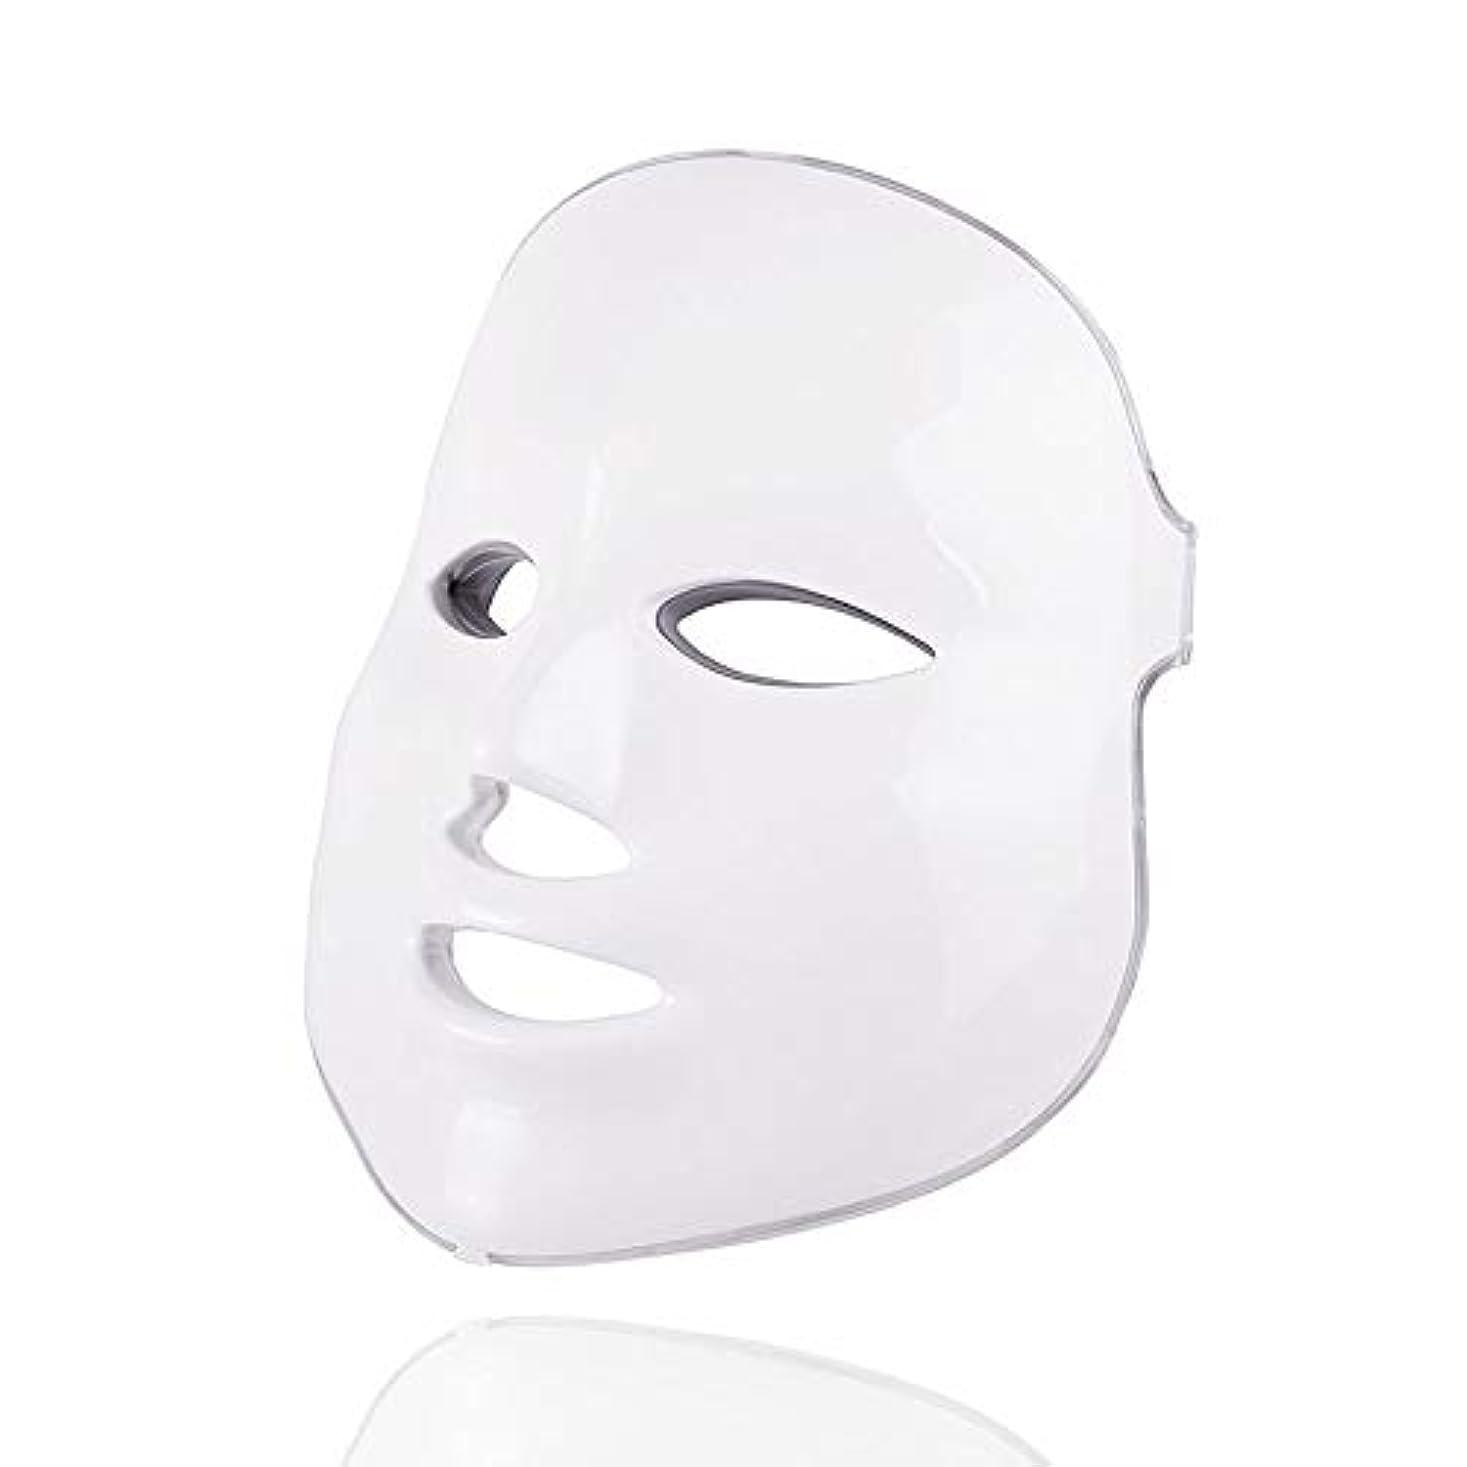 モルヒネ崇拝しますリスナー7色美容療法光子、ledフェイシャルマスクライトスキンケア若返りしわにきび除去顔美容スパ楽器